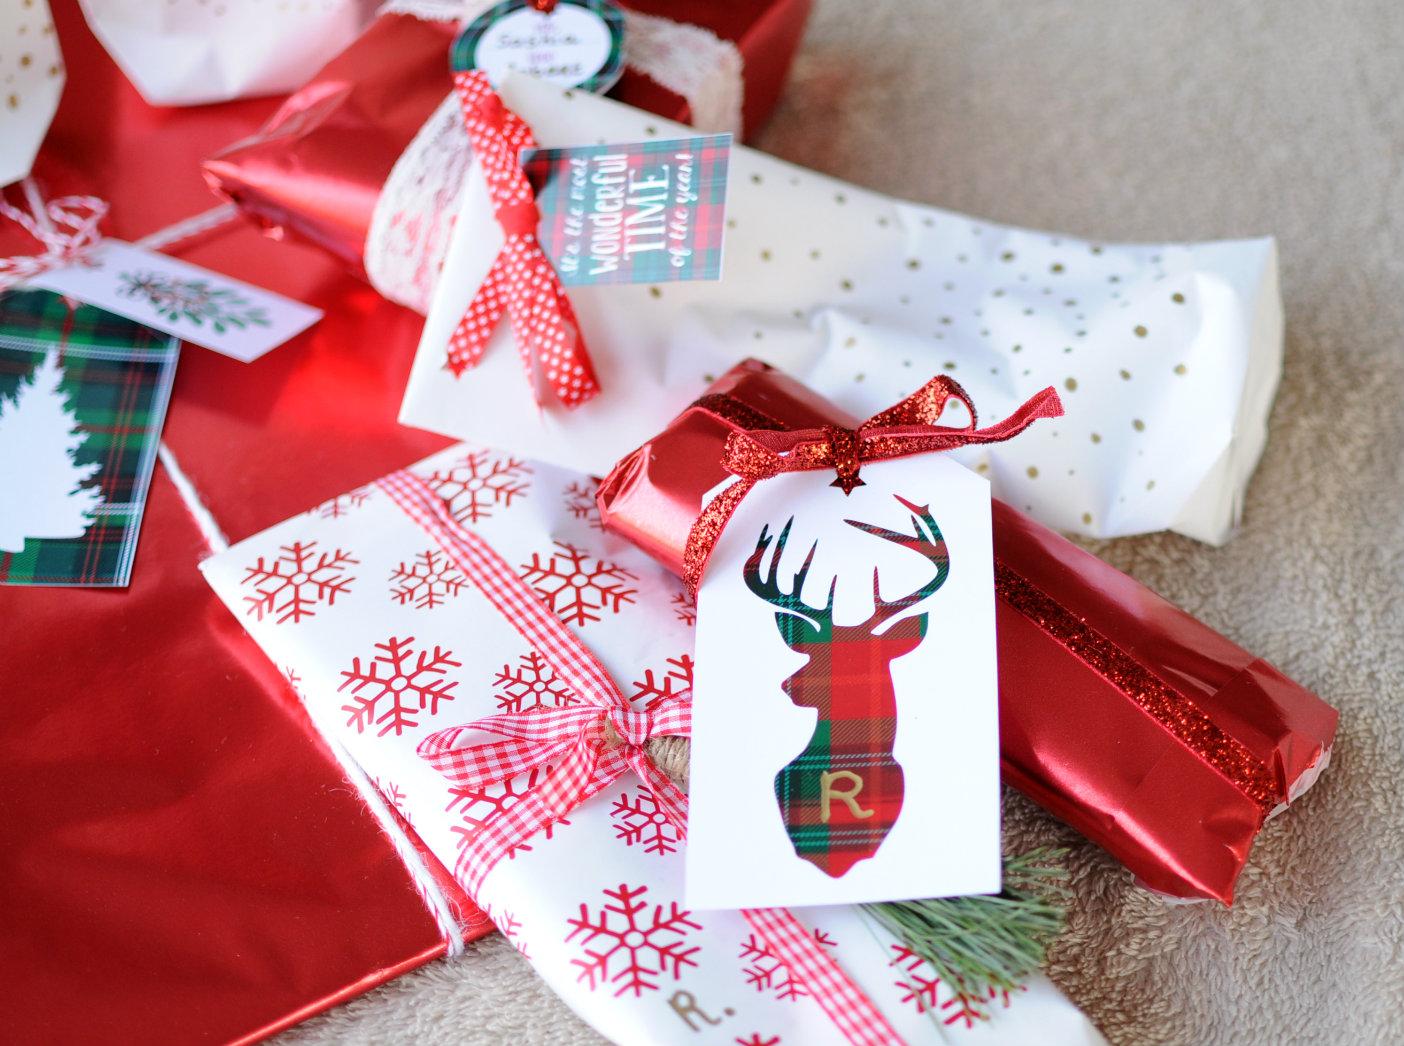 kerst-cadeaulabels-gratis-downloaden